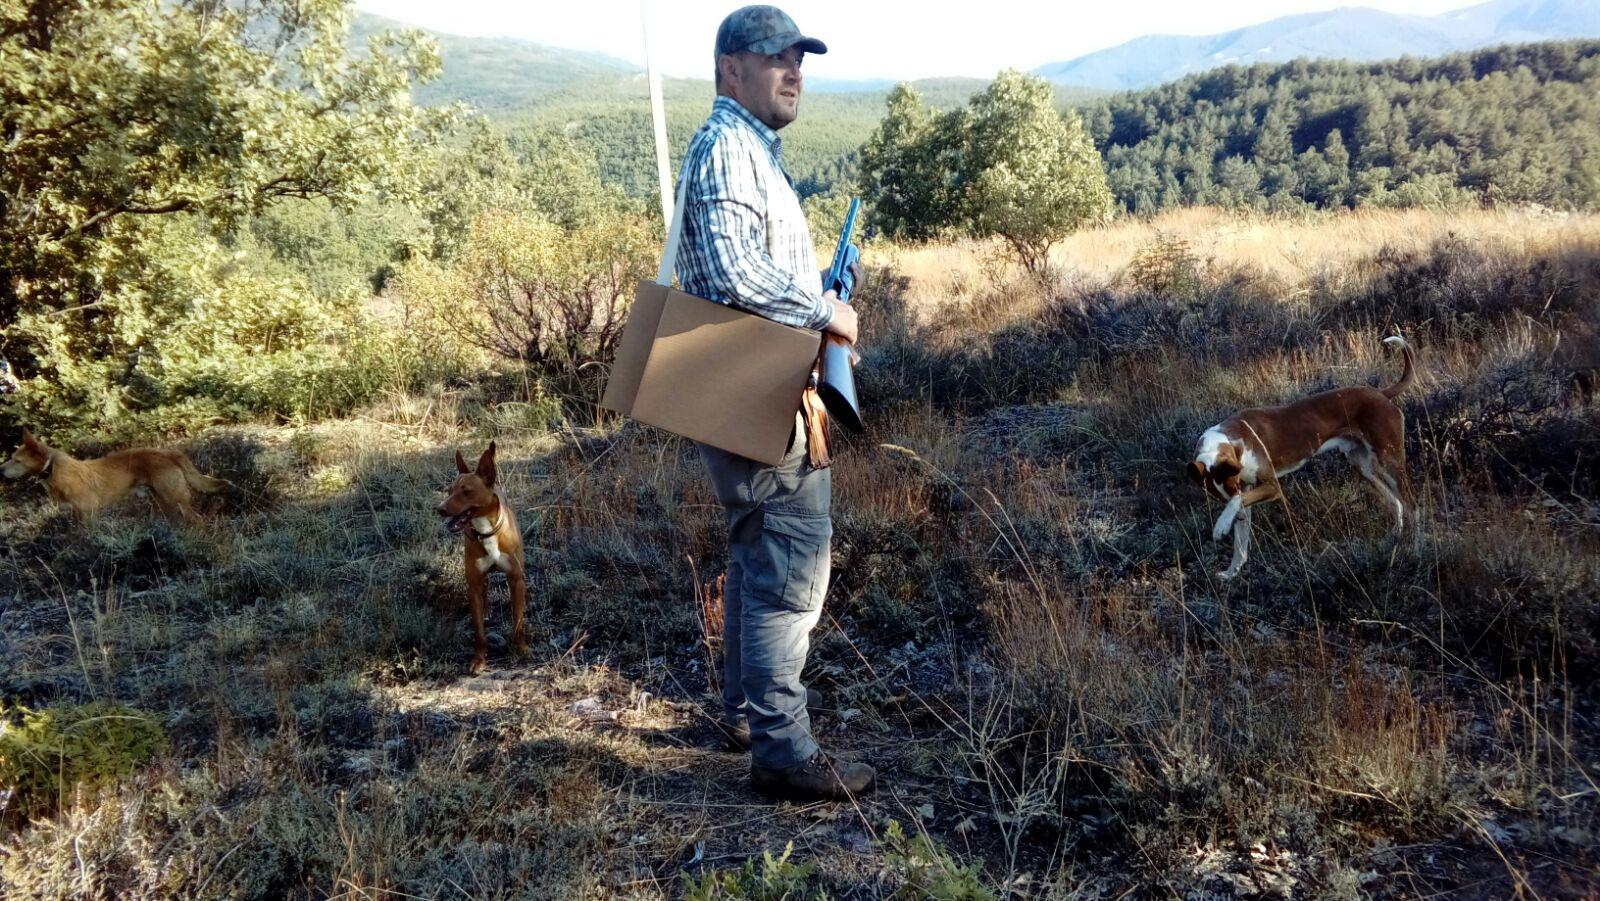 amantes de la caza a la hora de organizar vuestras agendas, no olvidéis llevar La CarpetaSilla